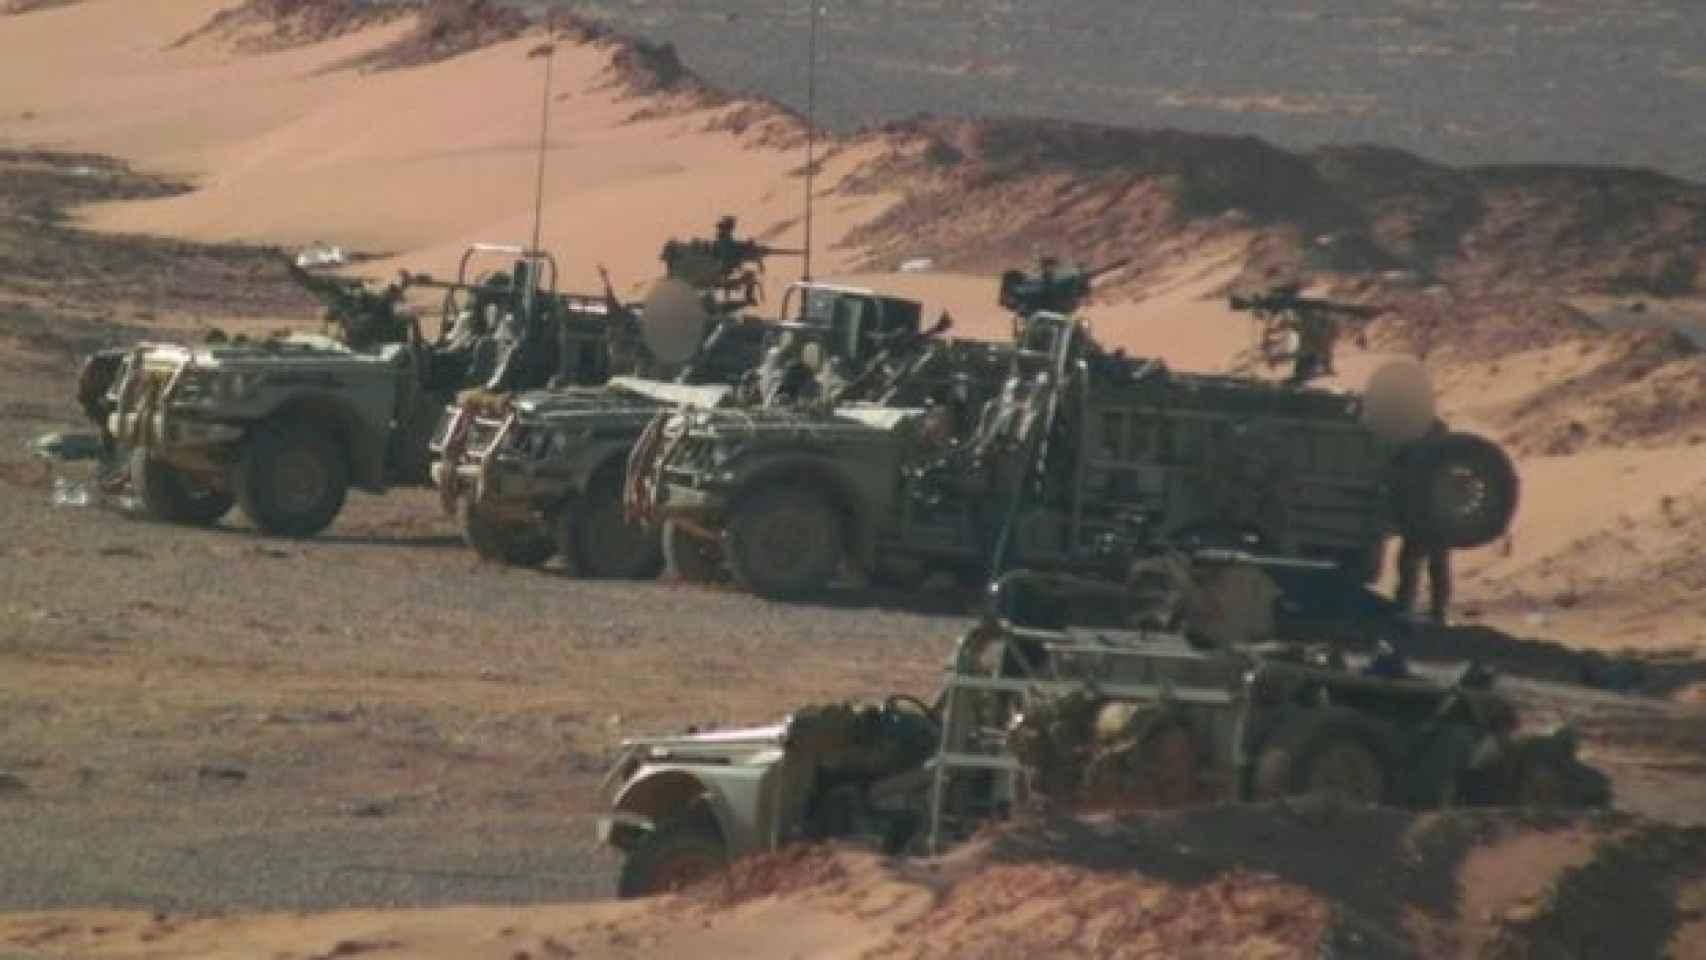 La BBC ha publicado imágenes de lo que serían las primeras fuerzas occidentales en Siria